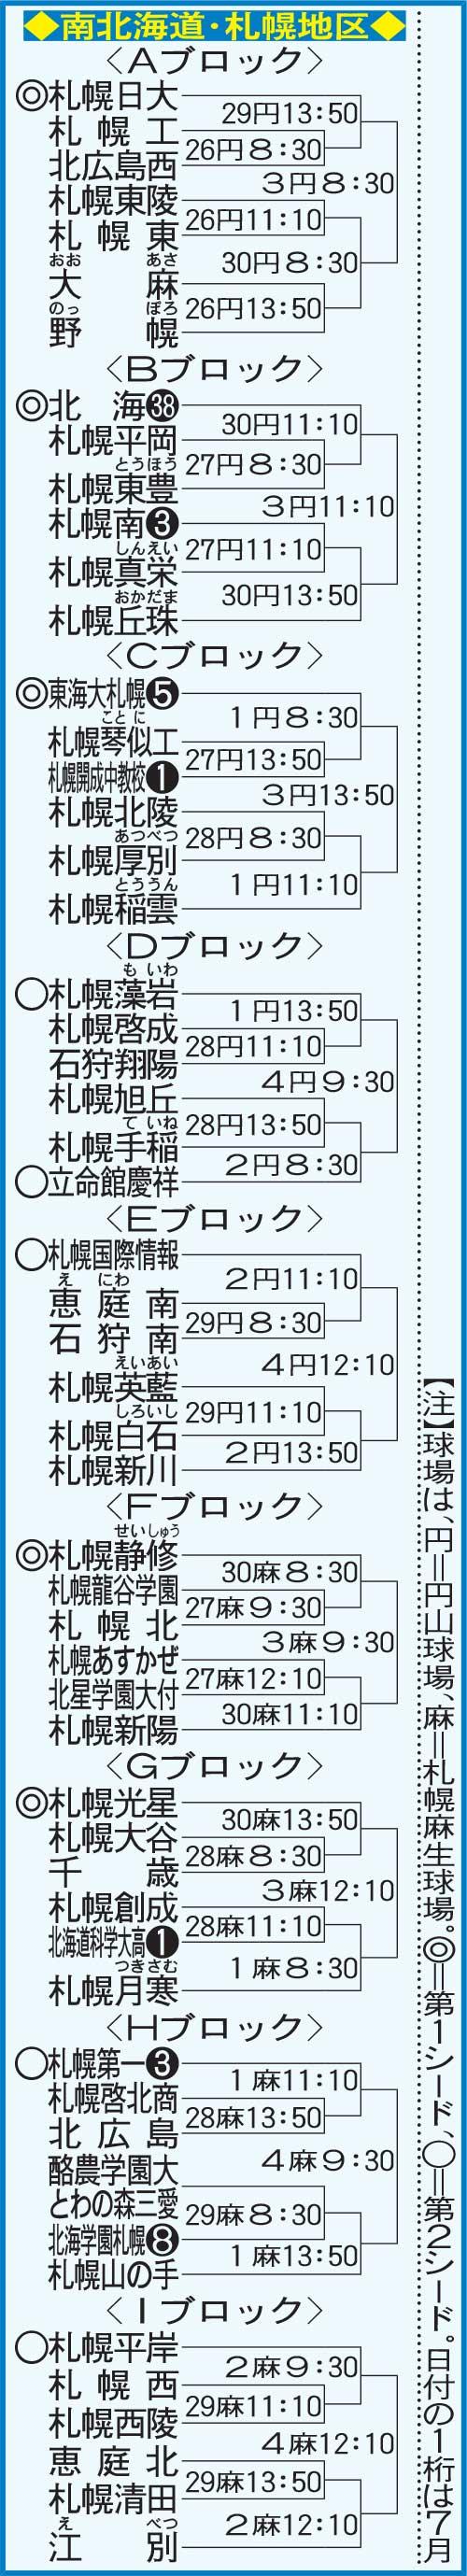 南北海道・札幌地区組み合わせ